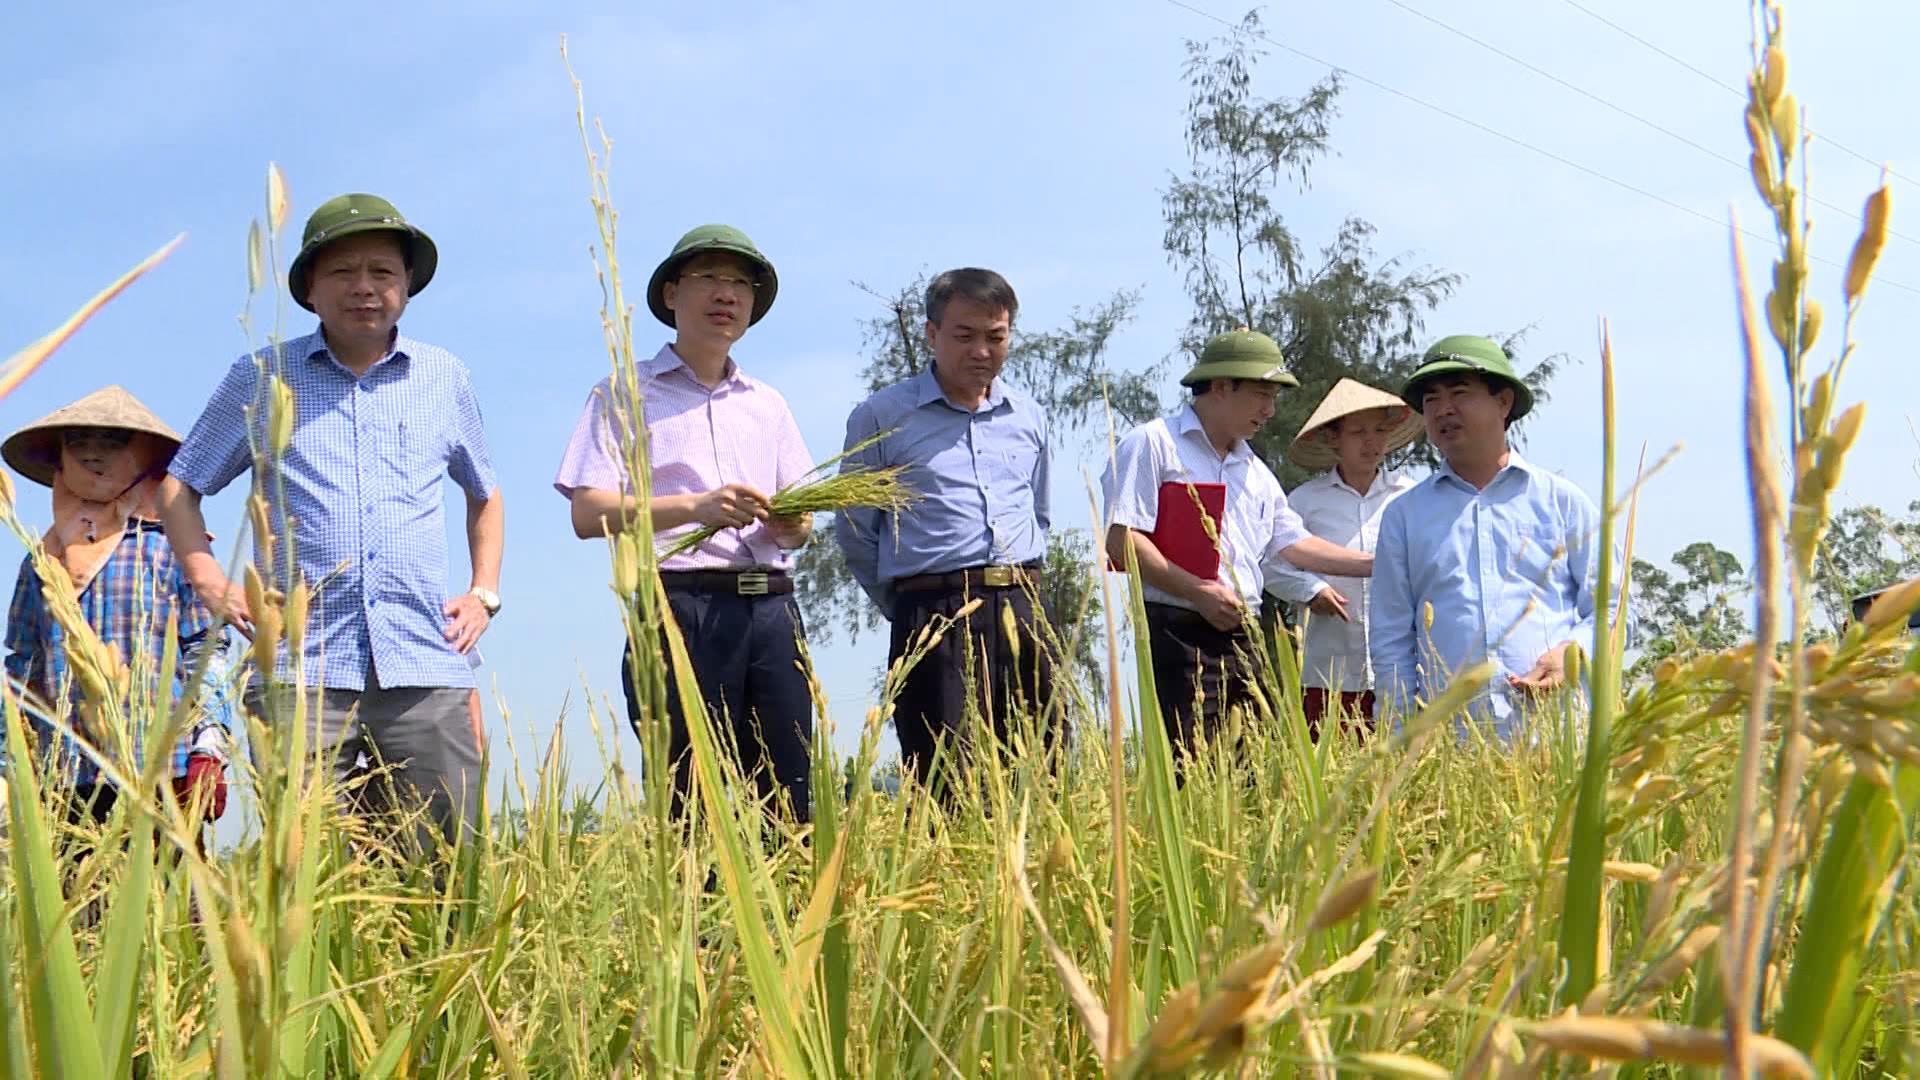 Sở Nông nghiệp và Phát triển nông thôn tỉnh kiểm tra lúa bị ảnh hưởng giông lốc và mưa đá